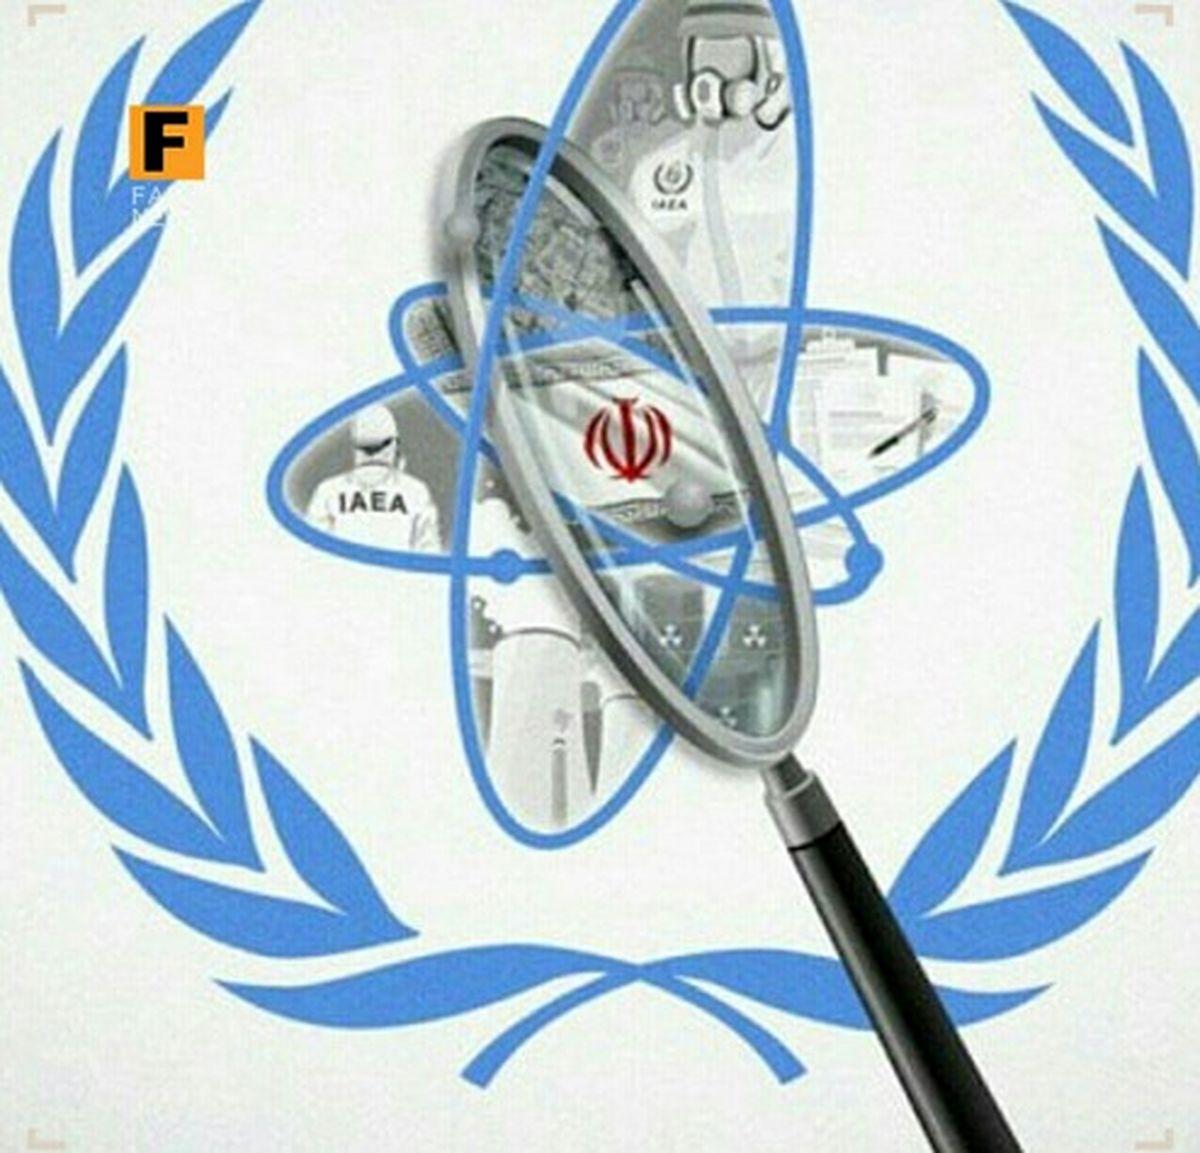 رویترز: آژانس اتمی آغاز تولید اورانیوم ایران را تایید کرد